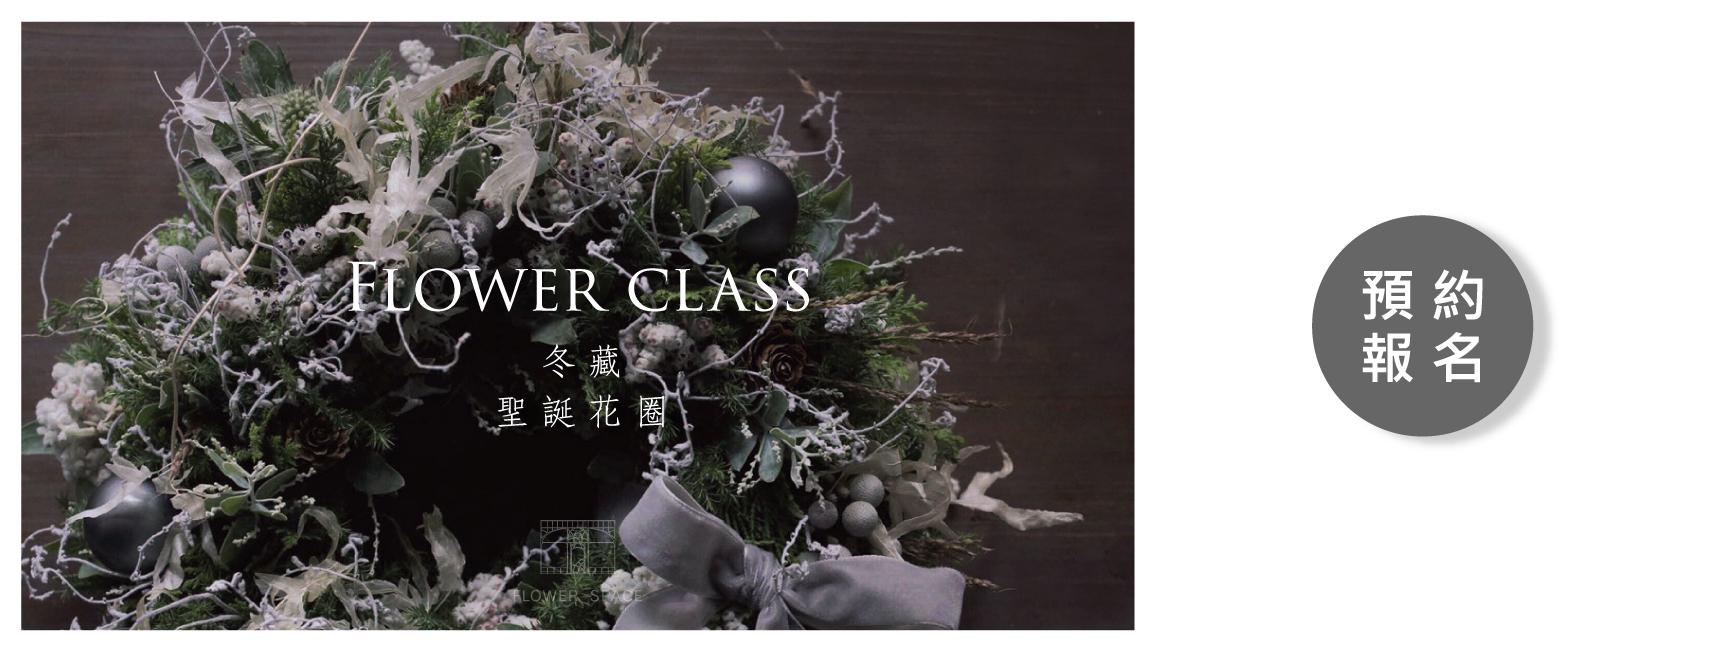 聖誕節花藝課程